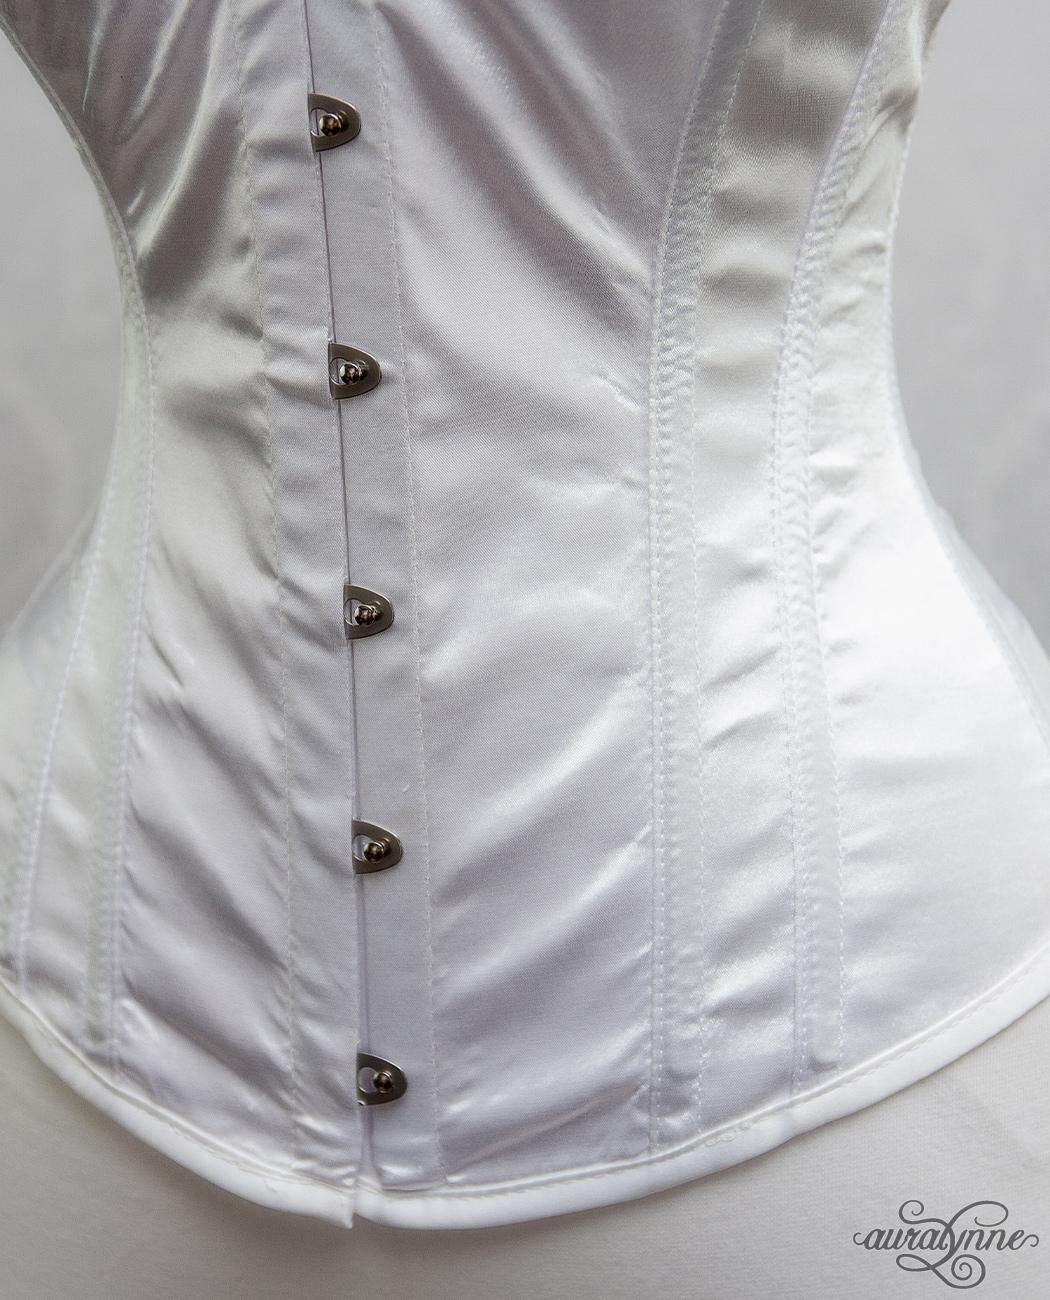 White Satin Hourglass Corset Closeup